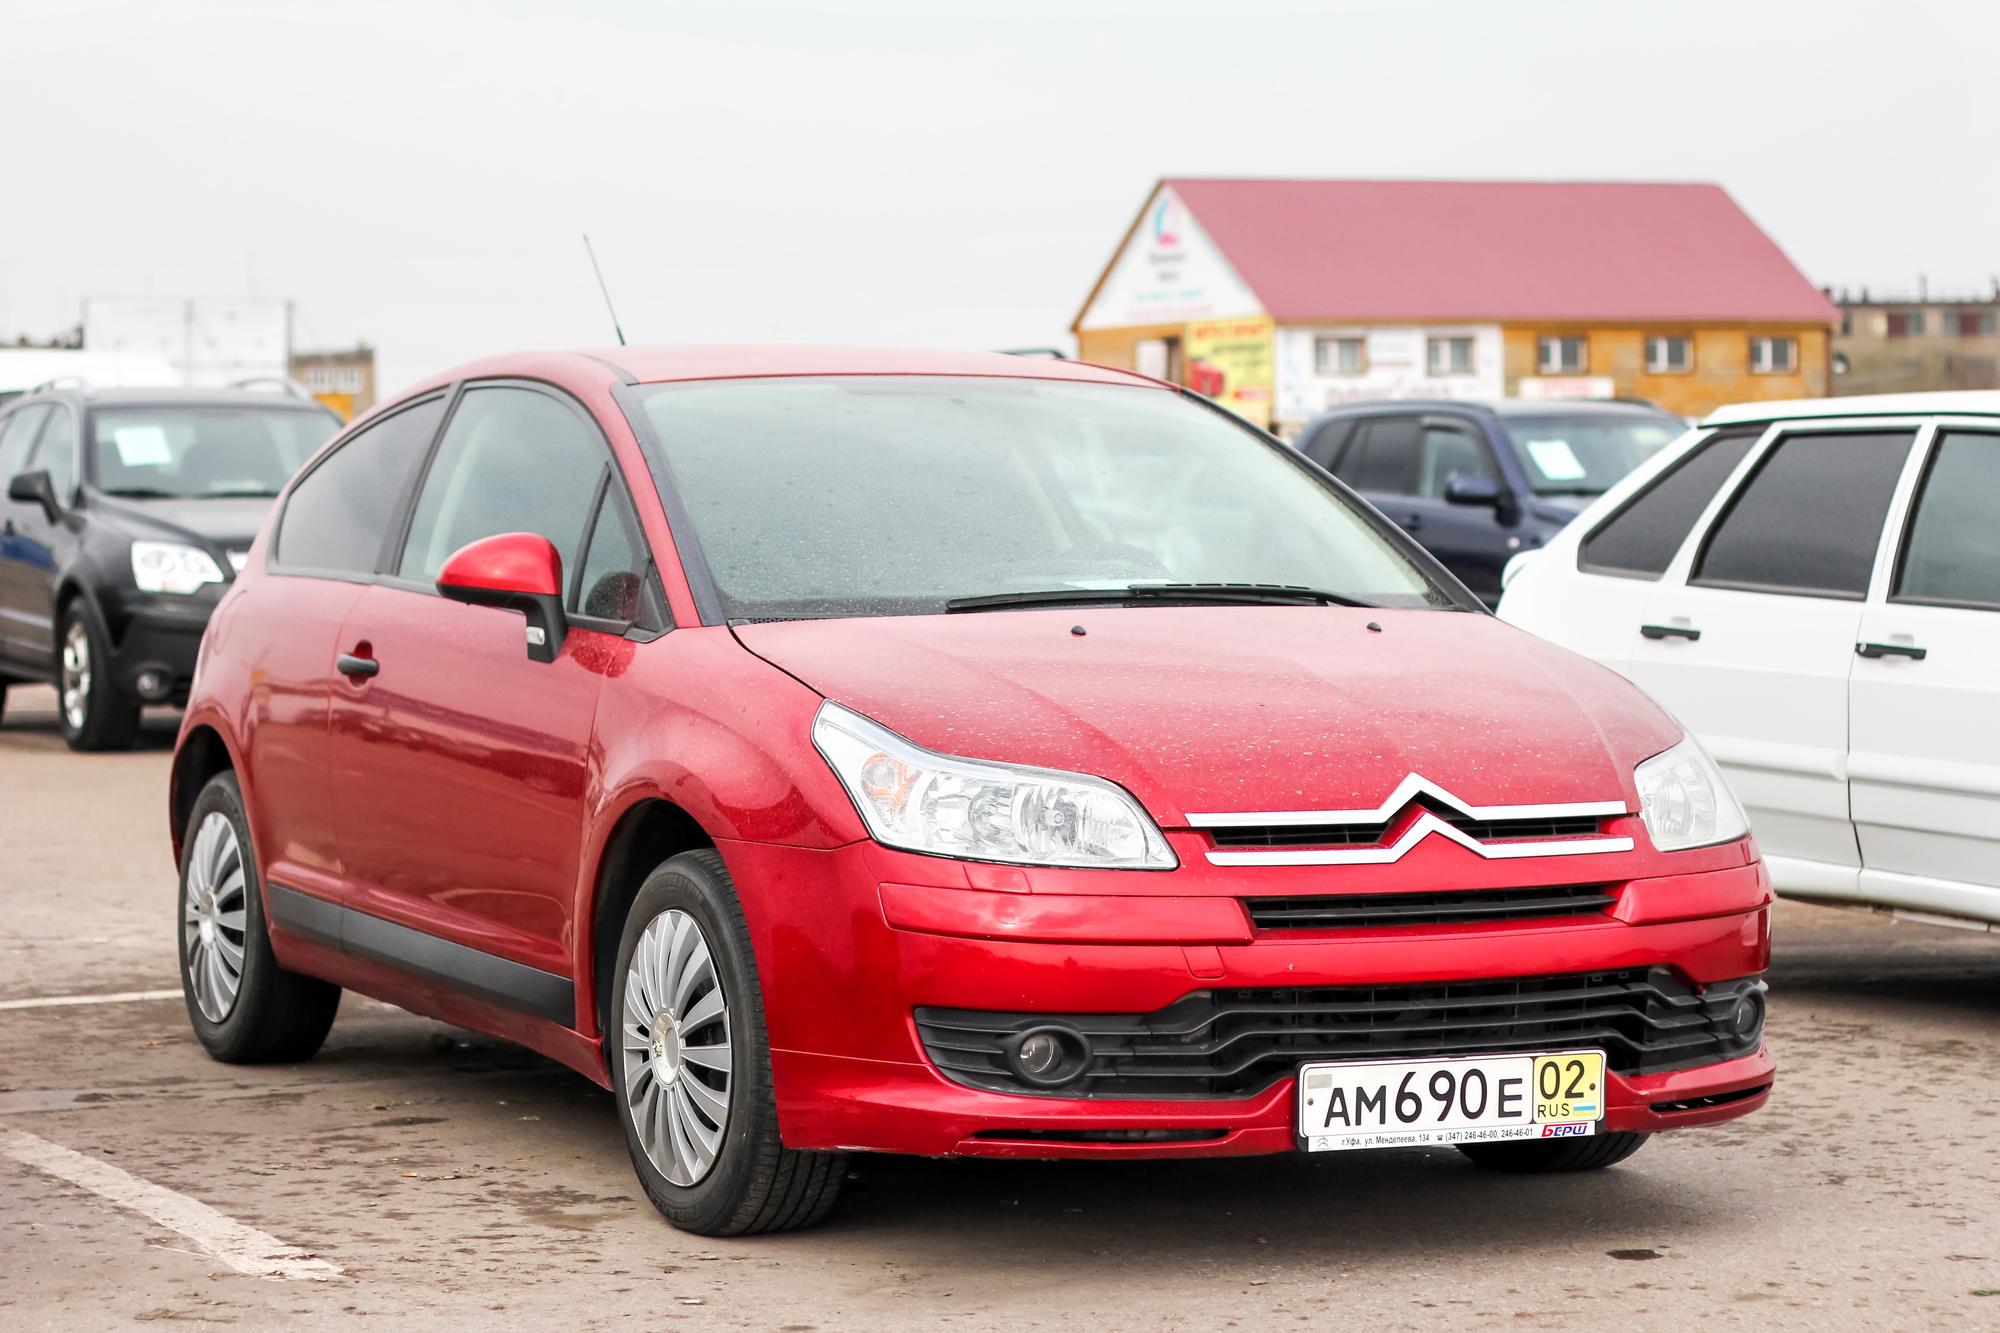 ТОП-5 недооцененных автомобилей на вторичном рынке Украины